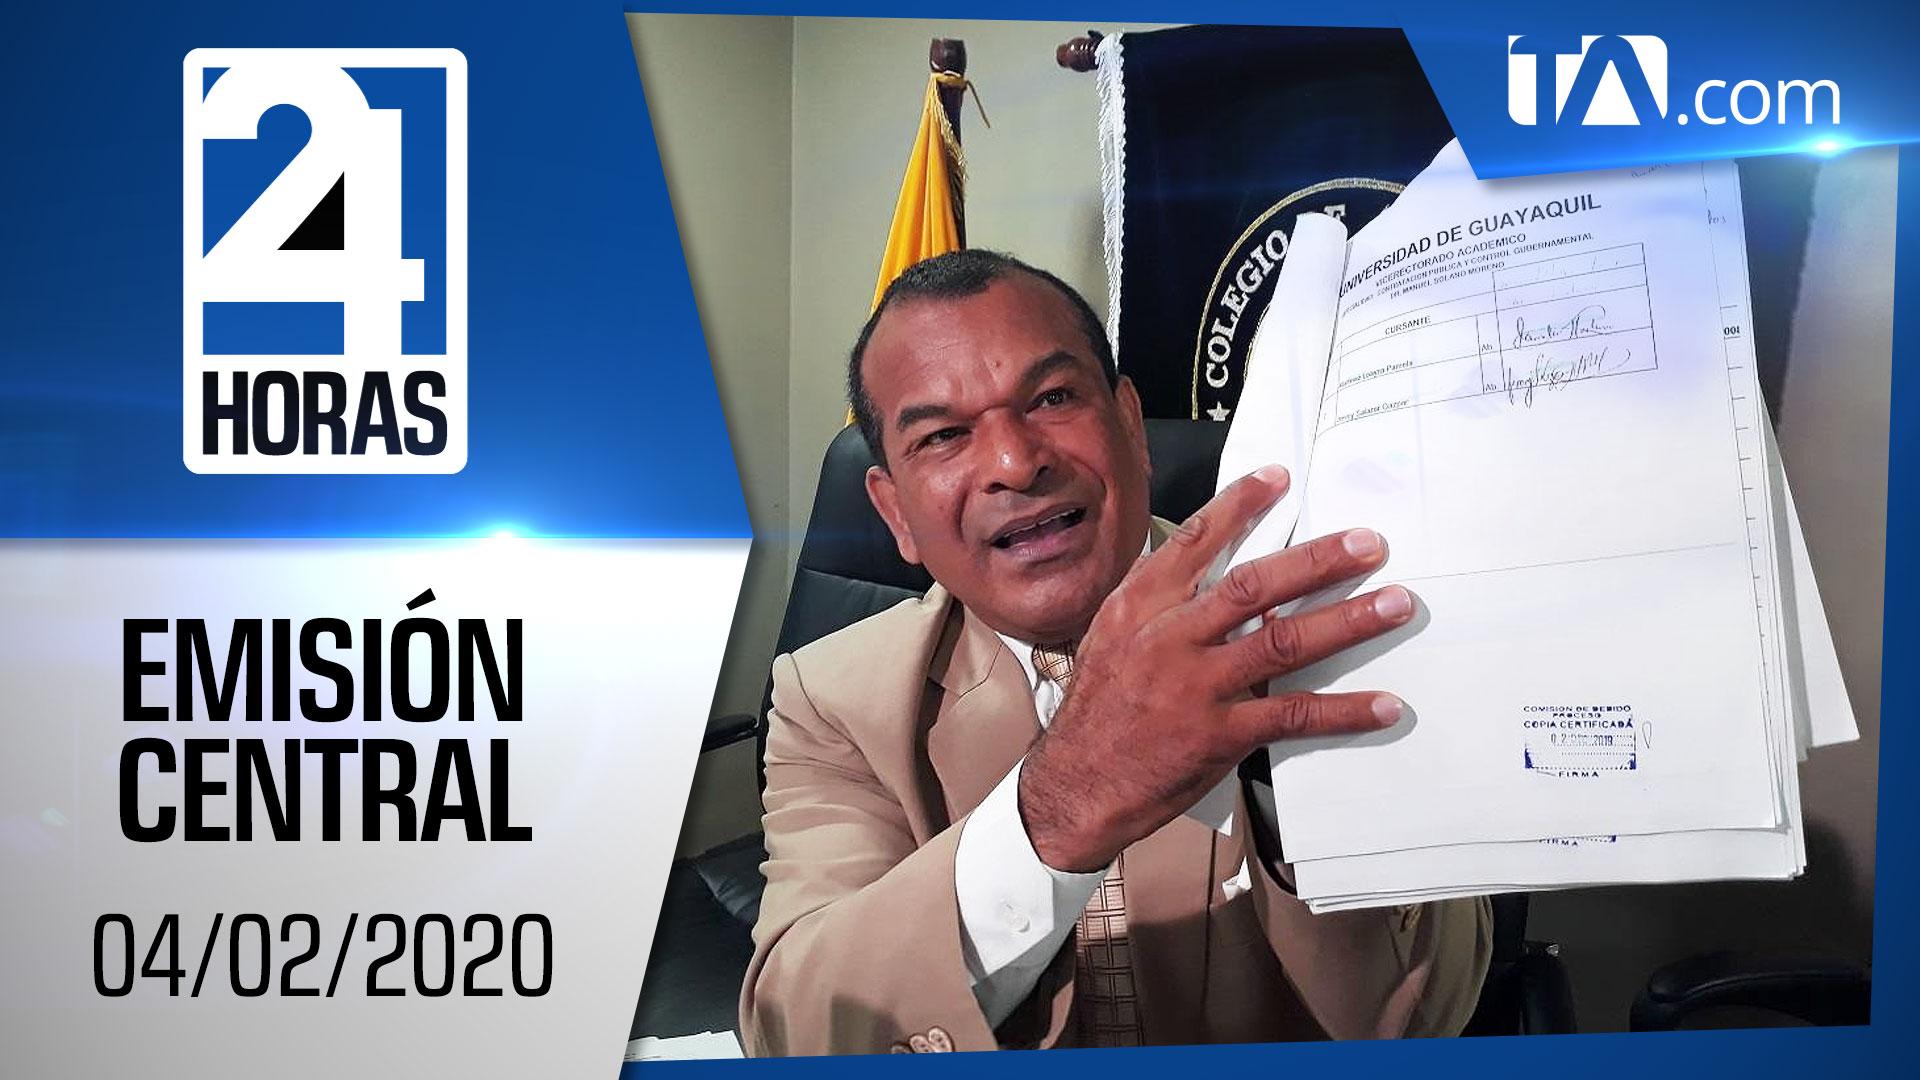 Noticiero 24 Horas, 04/02/2020 (Emisión Central)